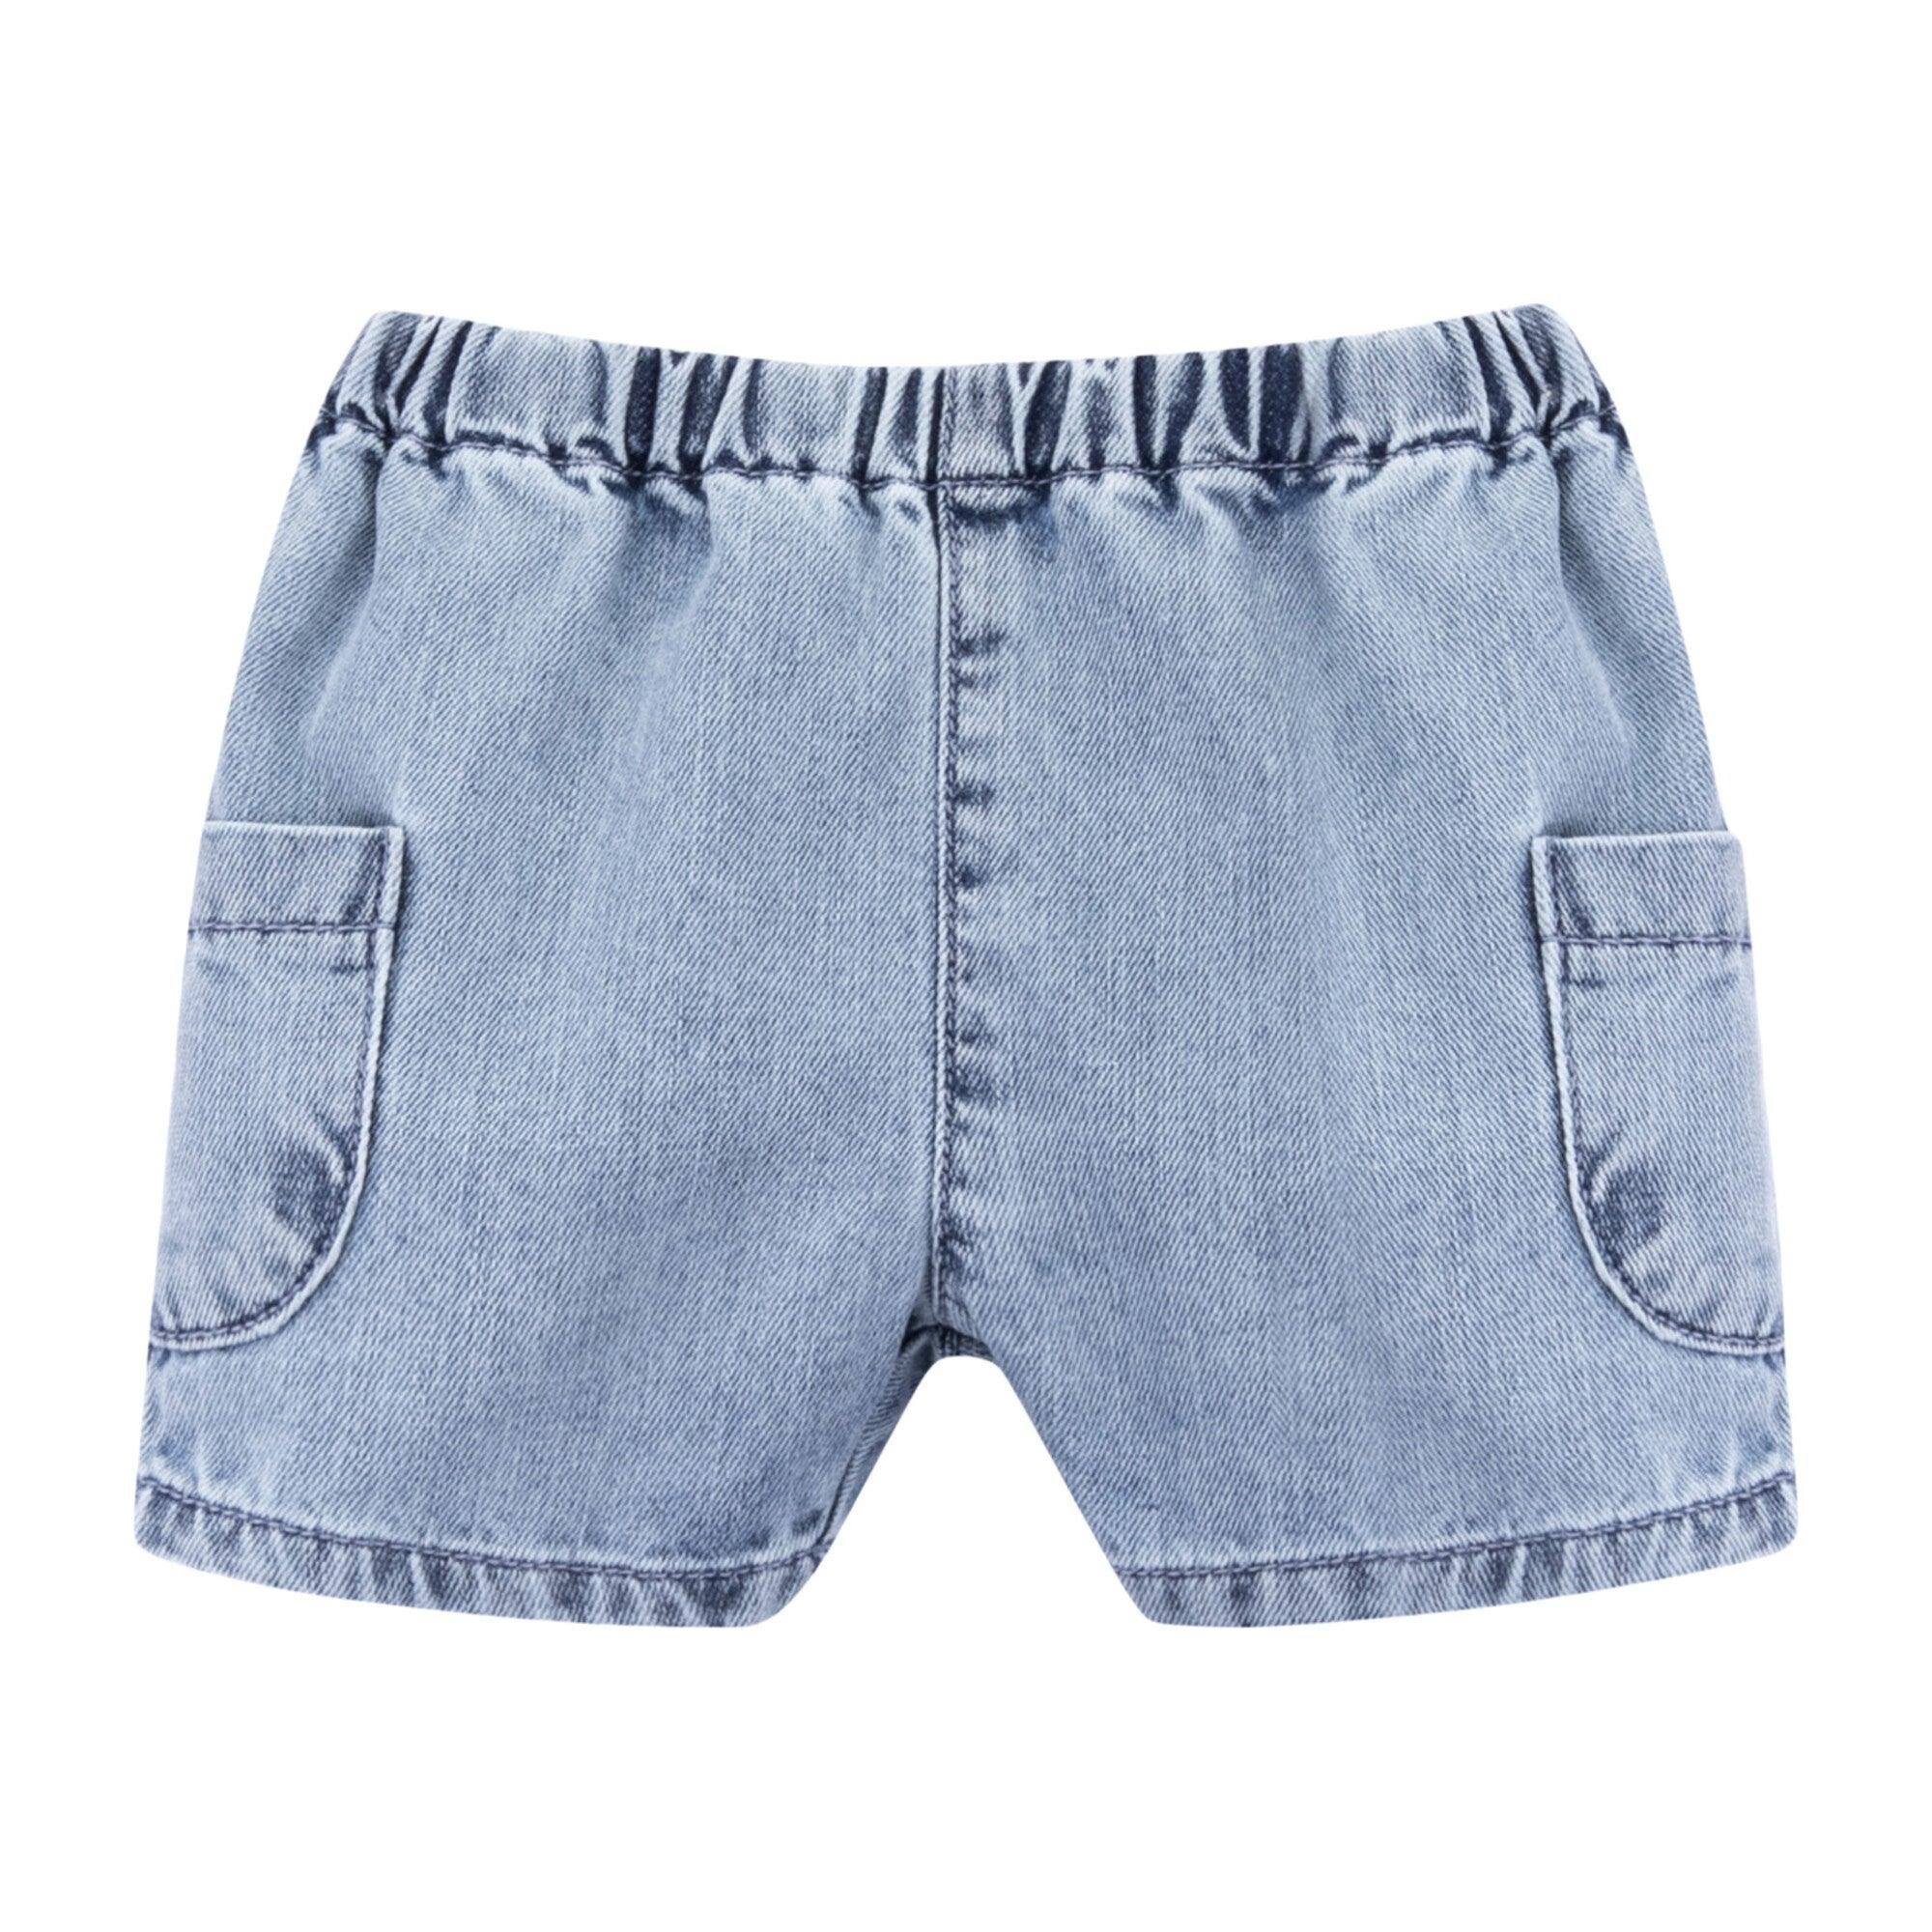 Reno Shorts, Light Denim